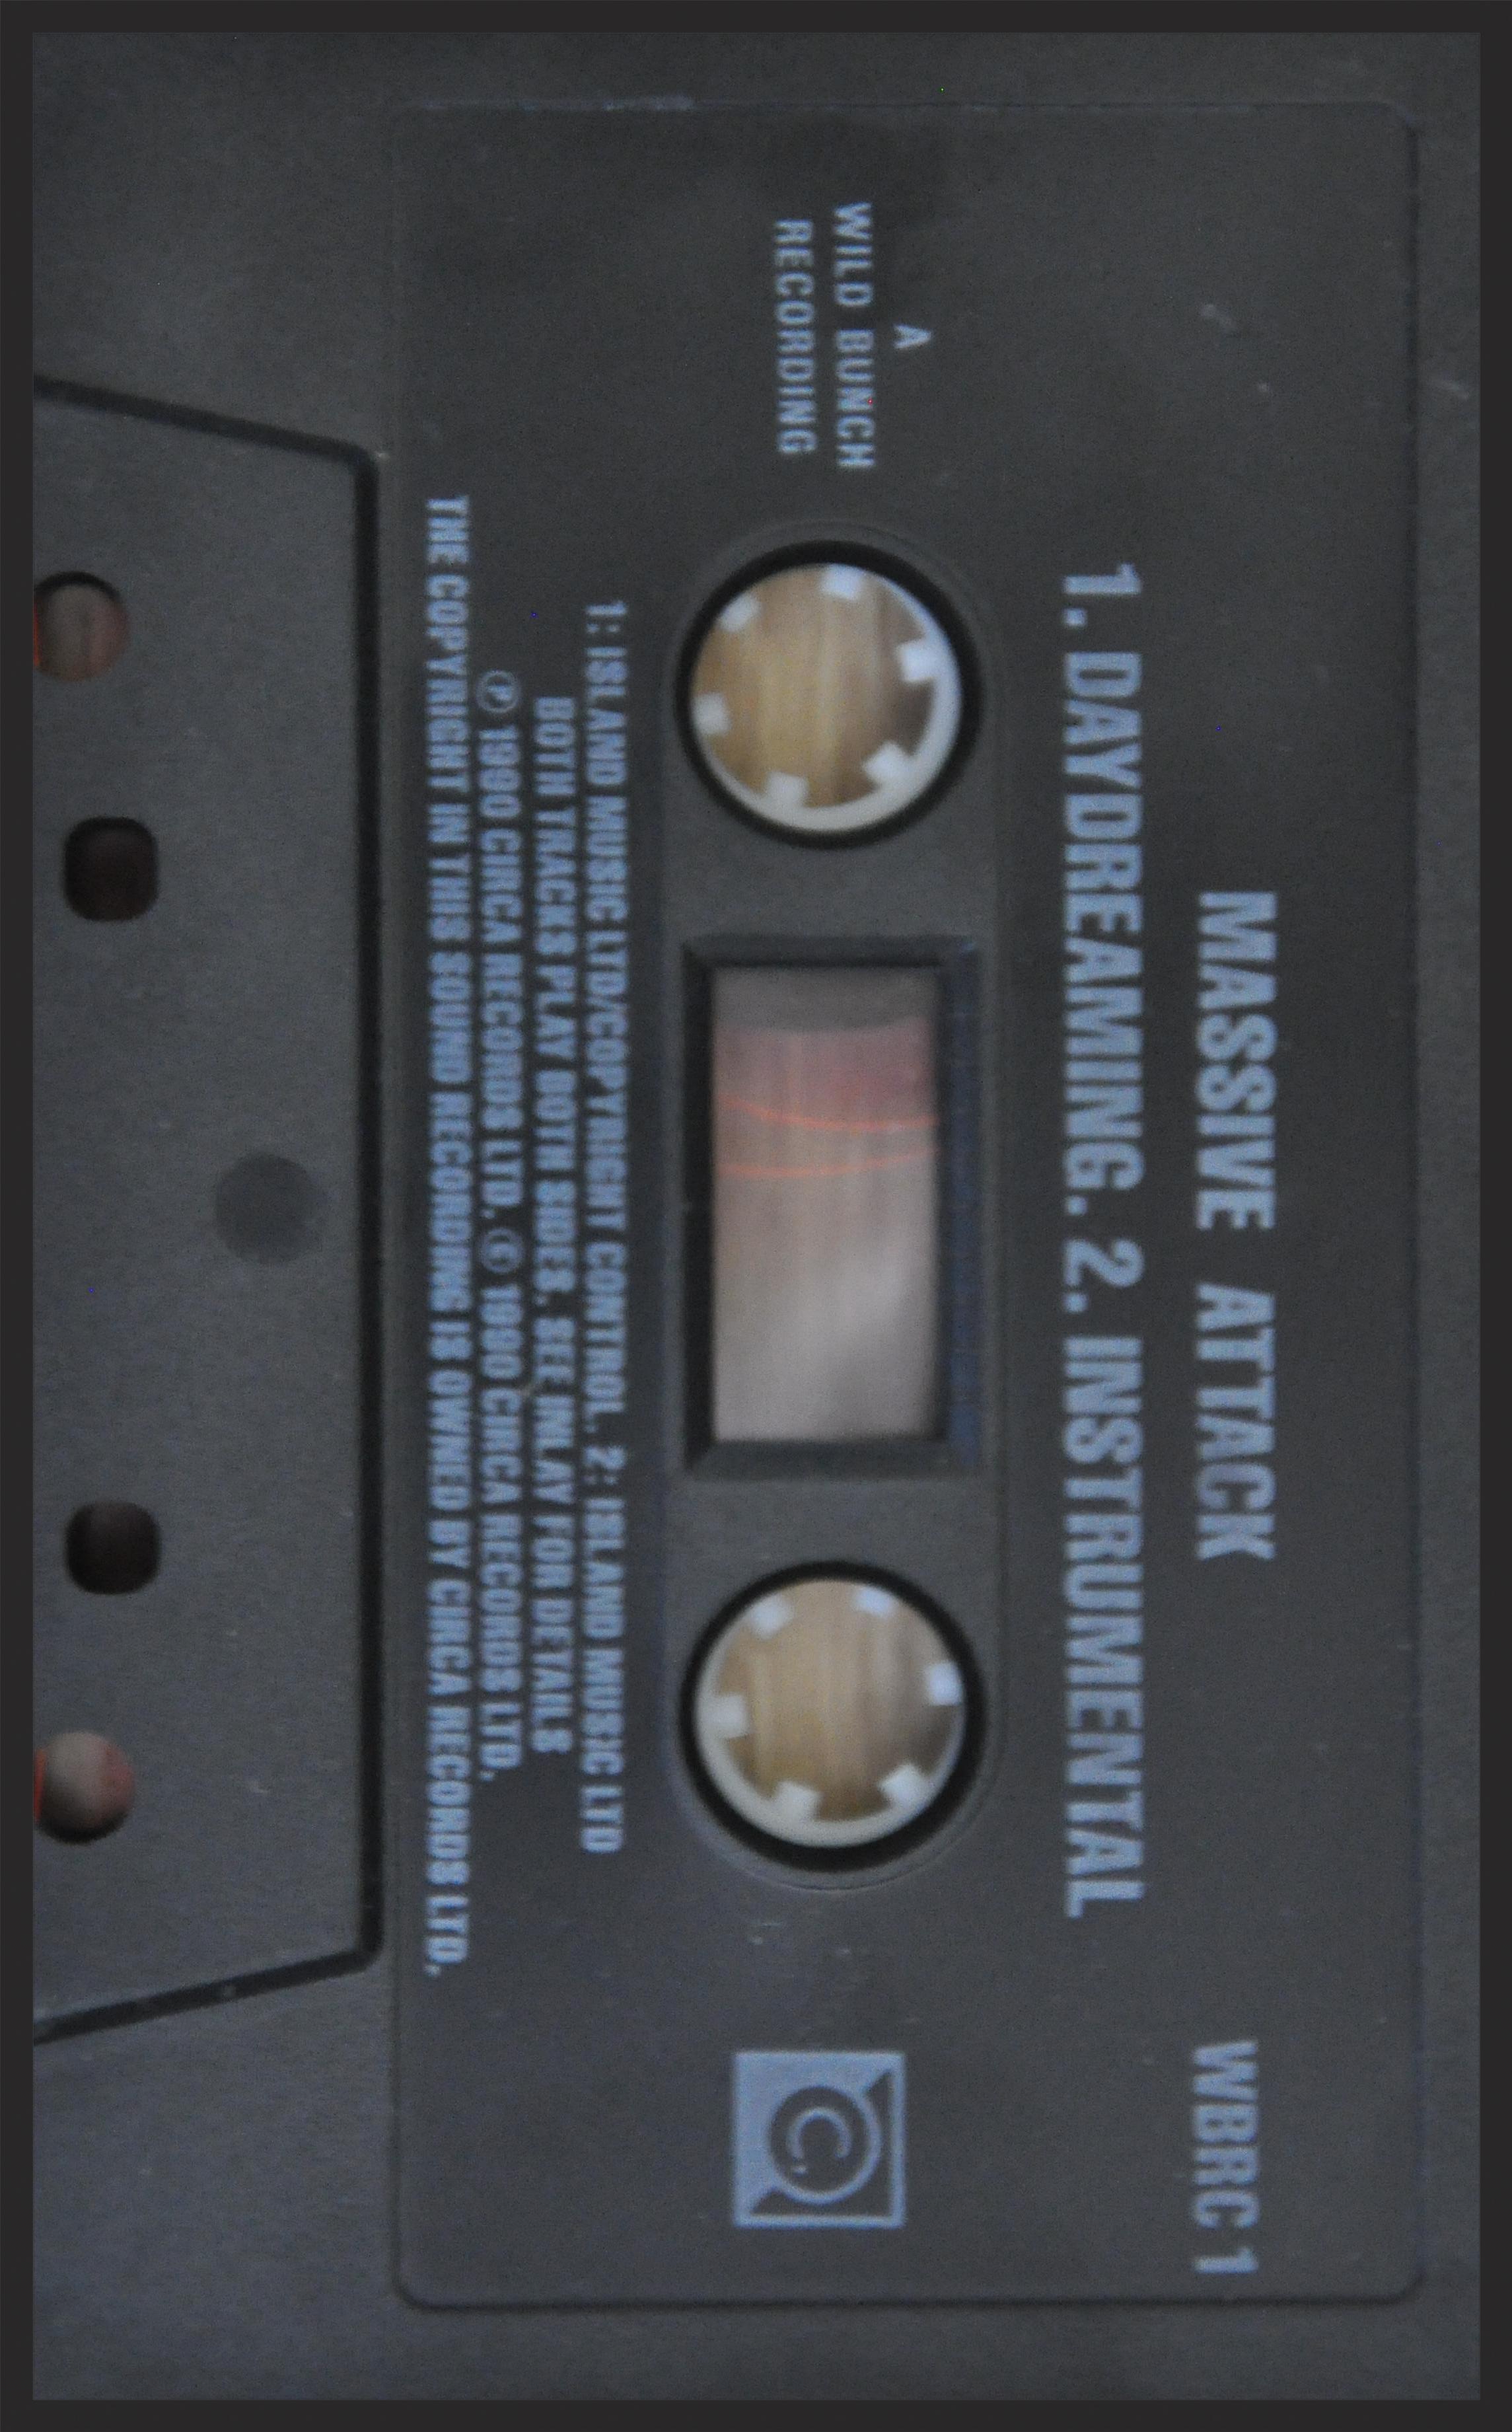 daydreamingukcassette3.jpg